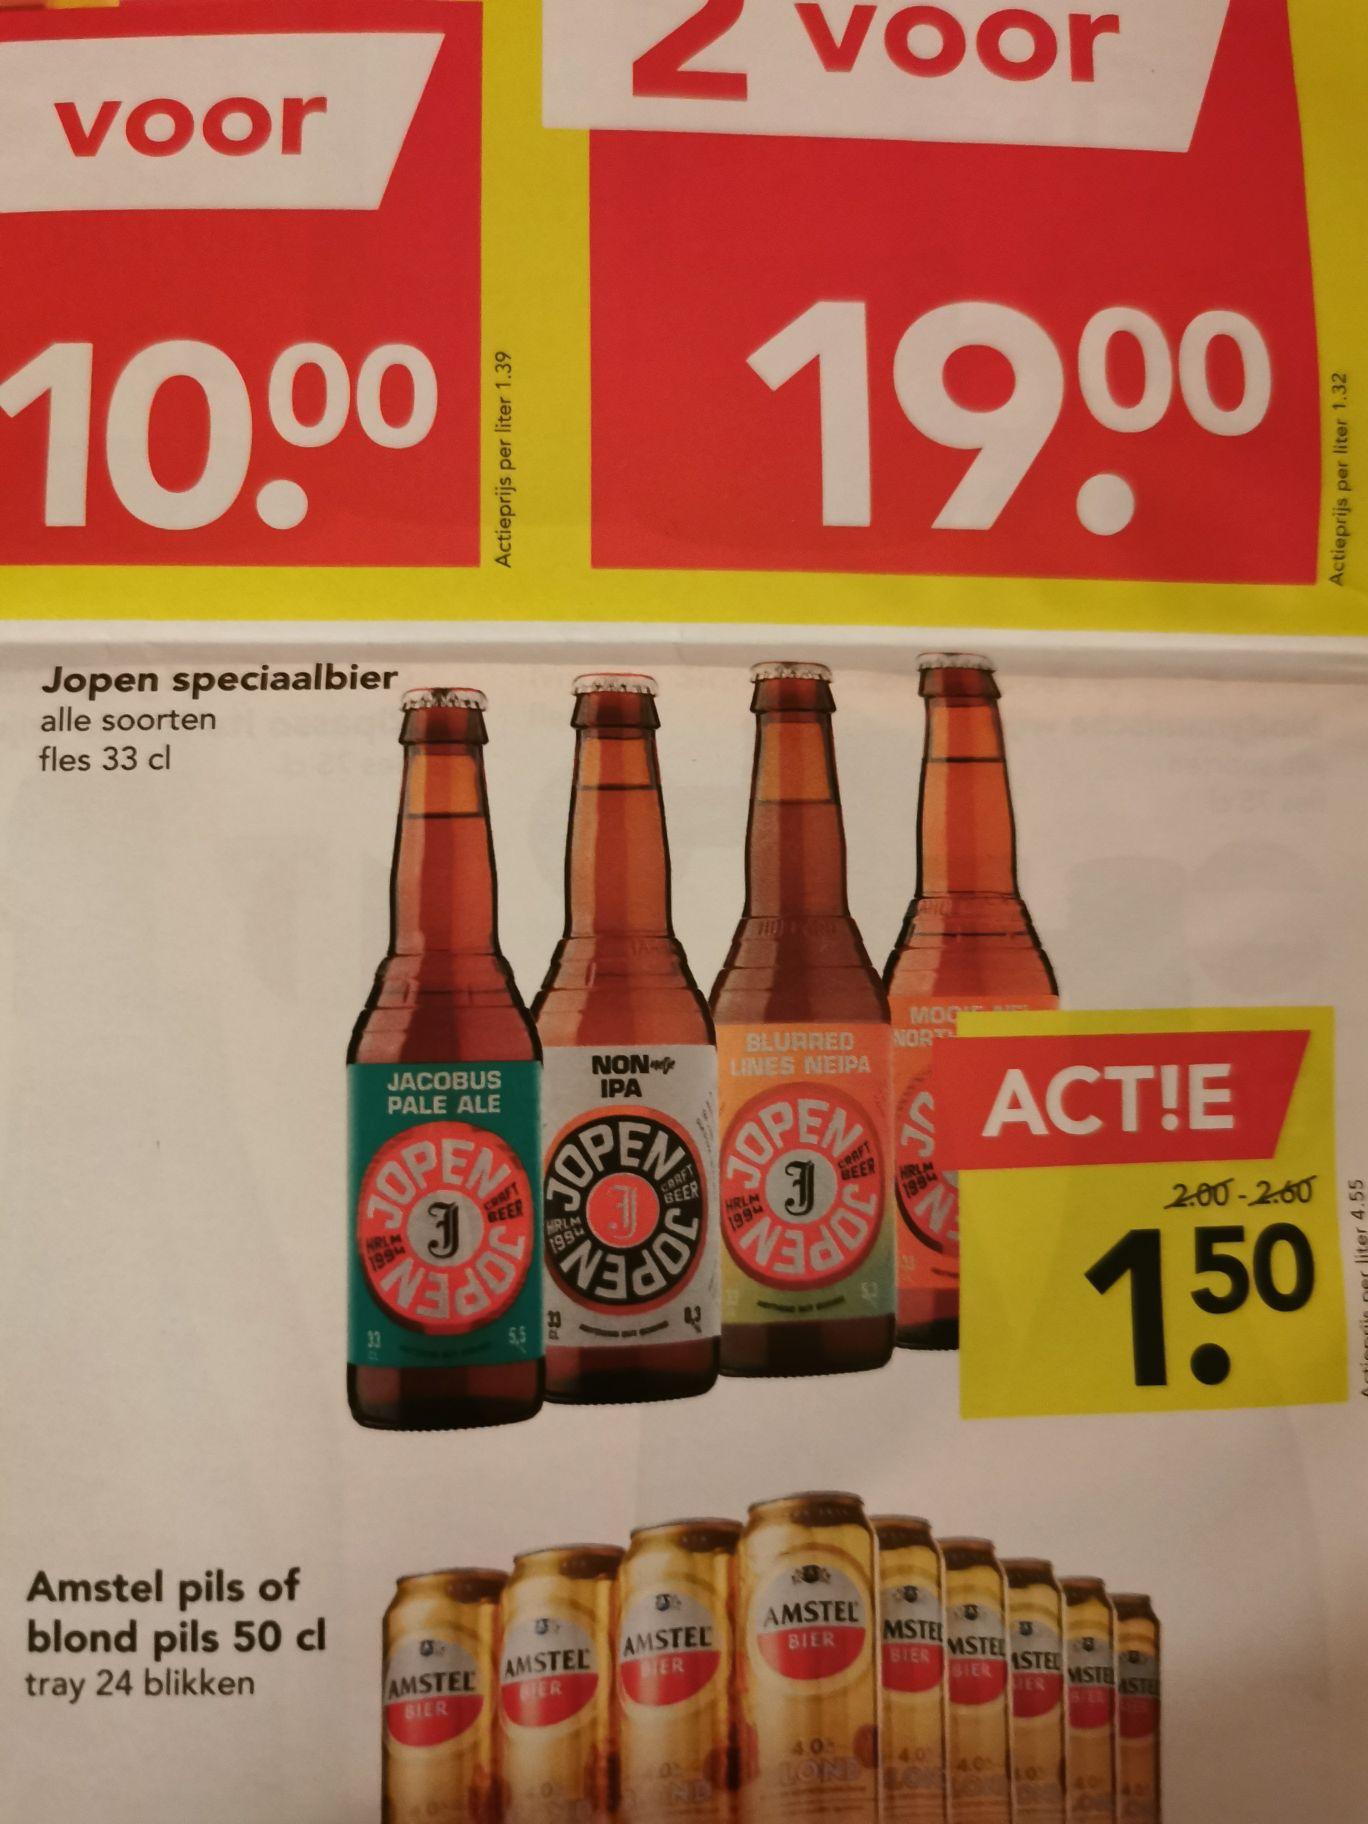 Jopen speciaal bier voor 1,50 @Deen